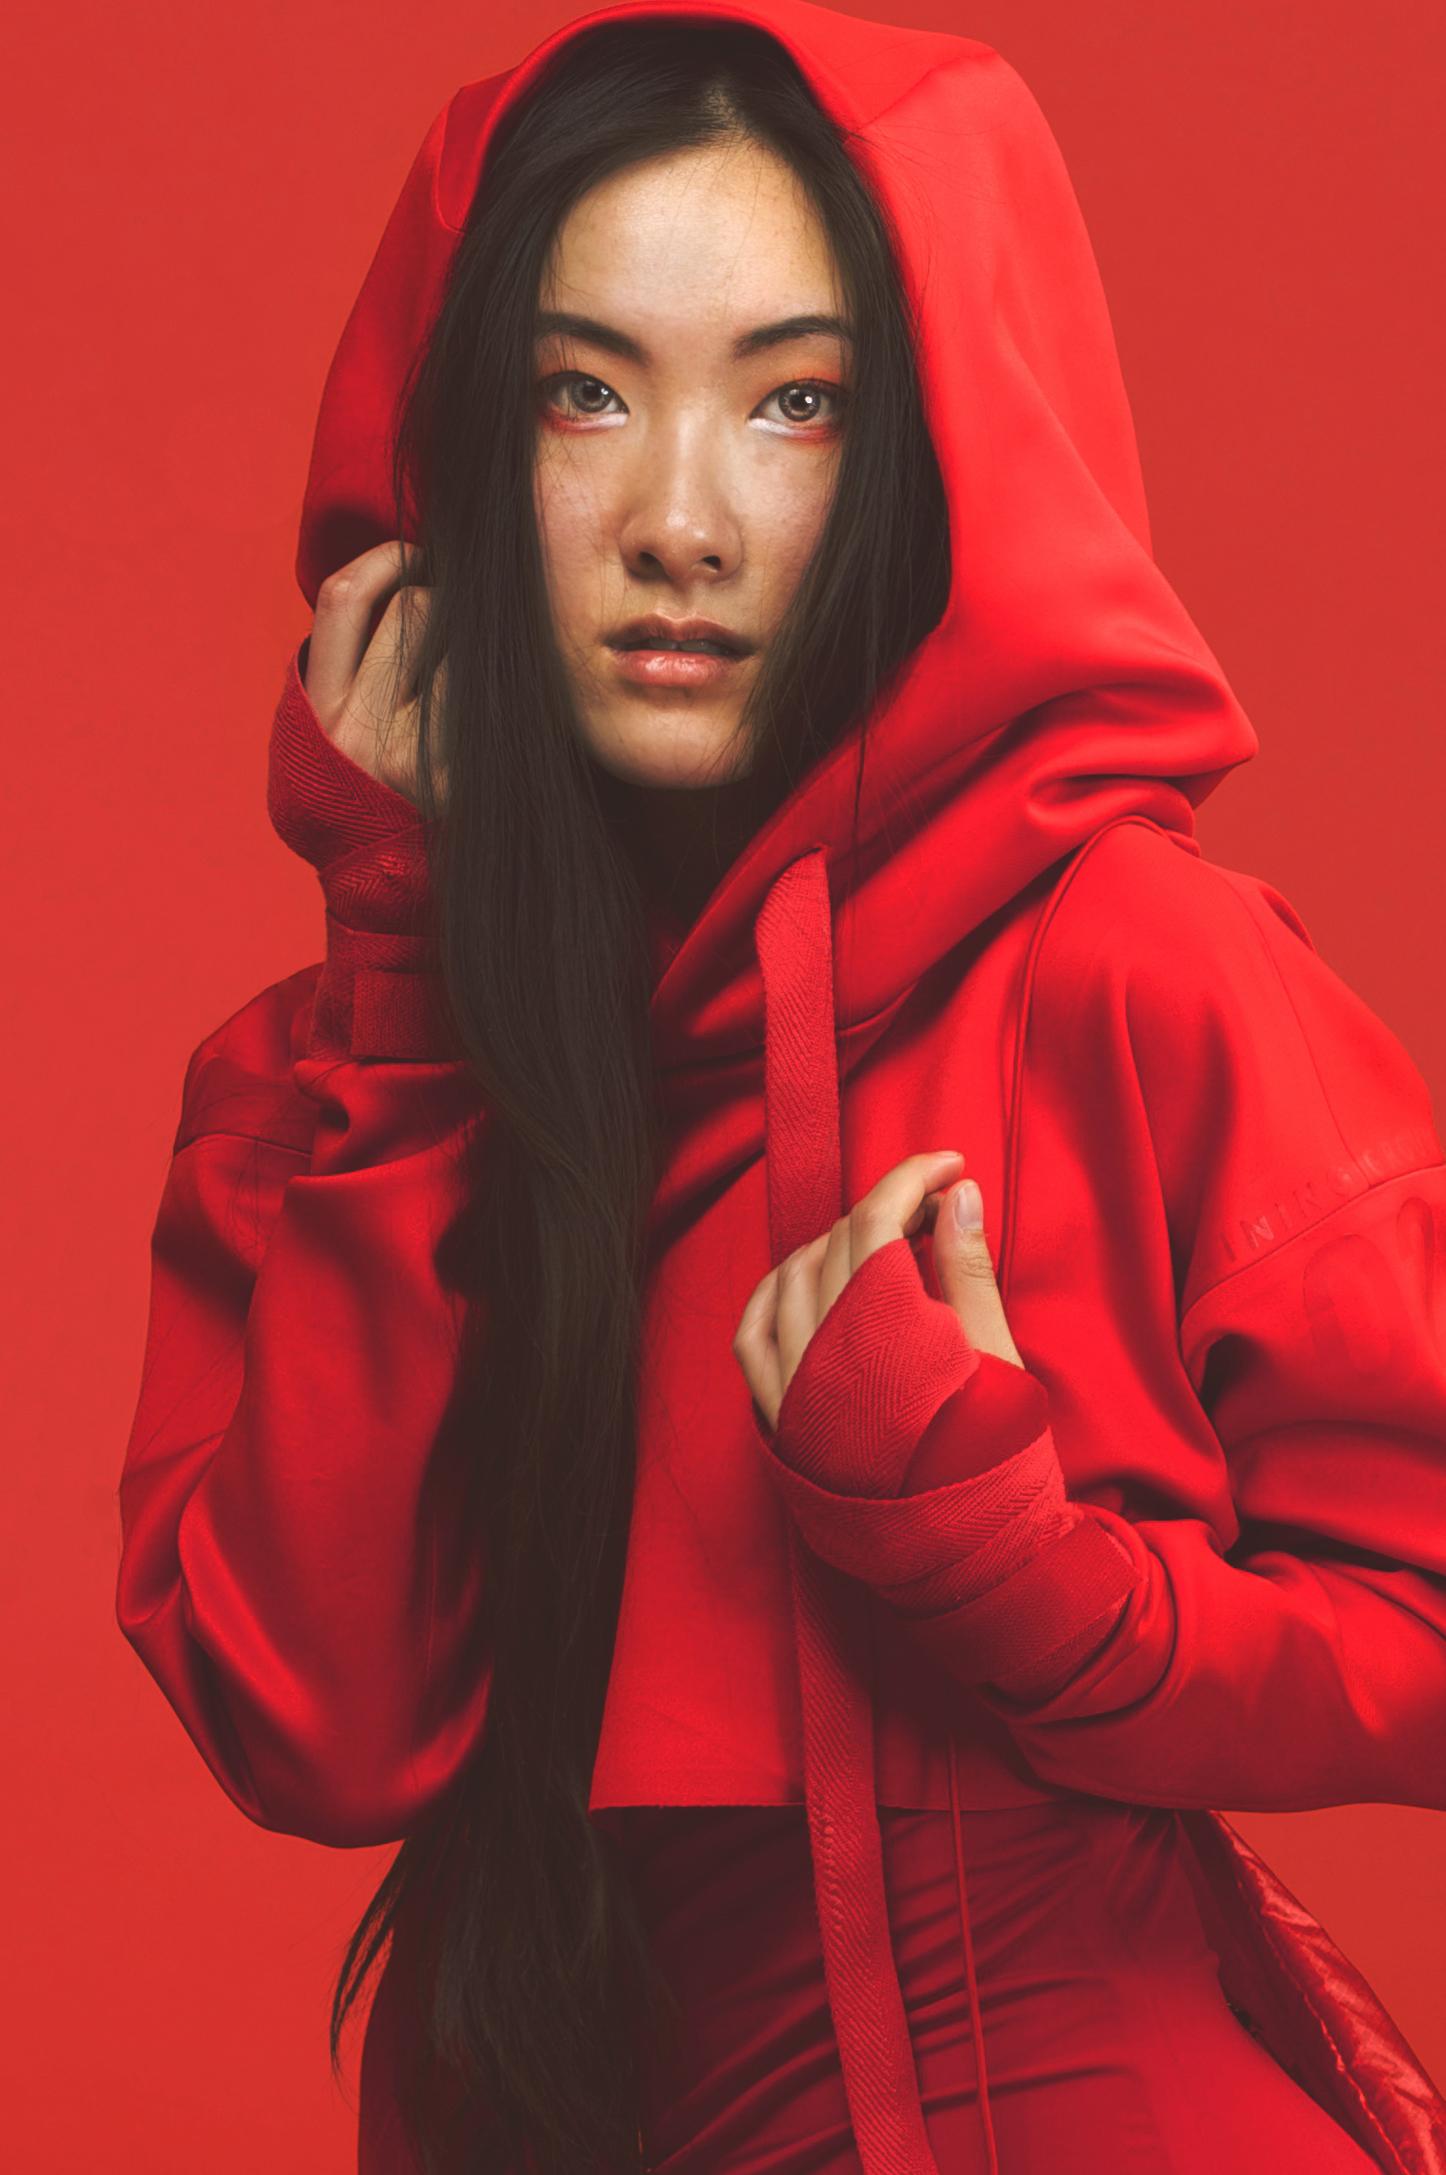 RED3 copy.jpg